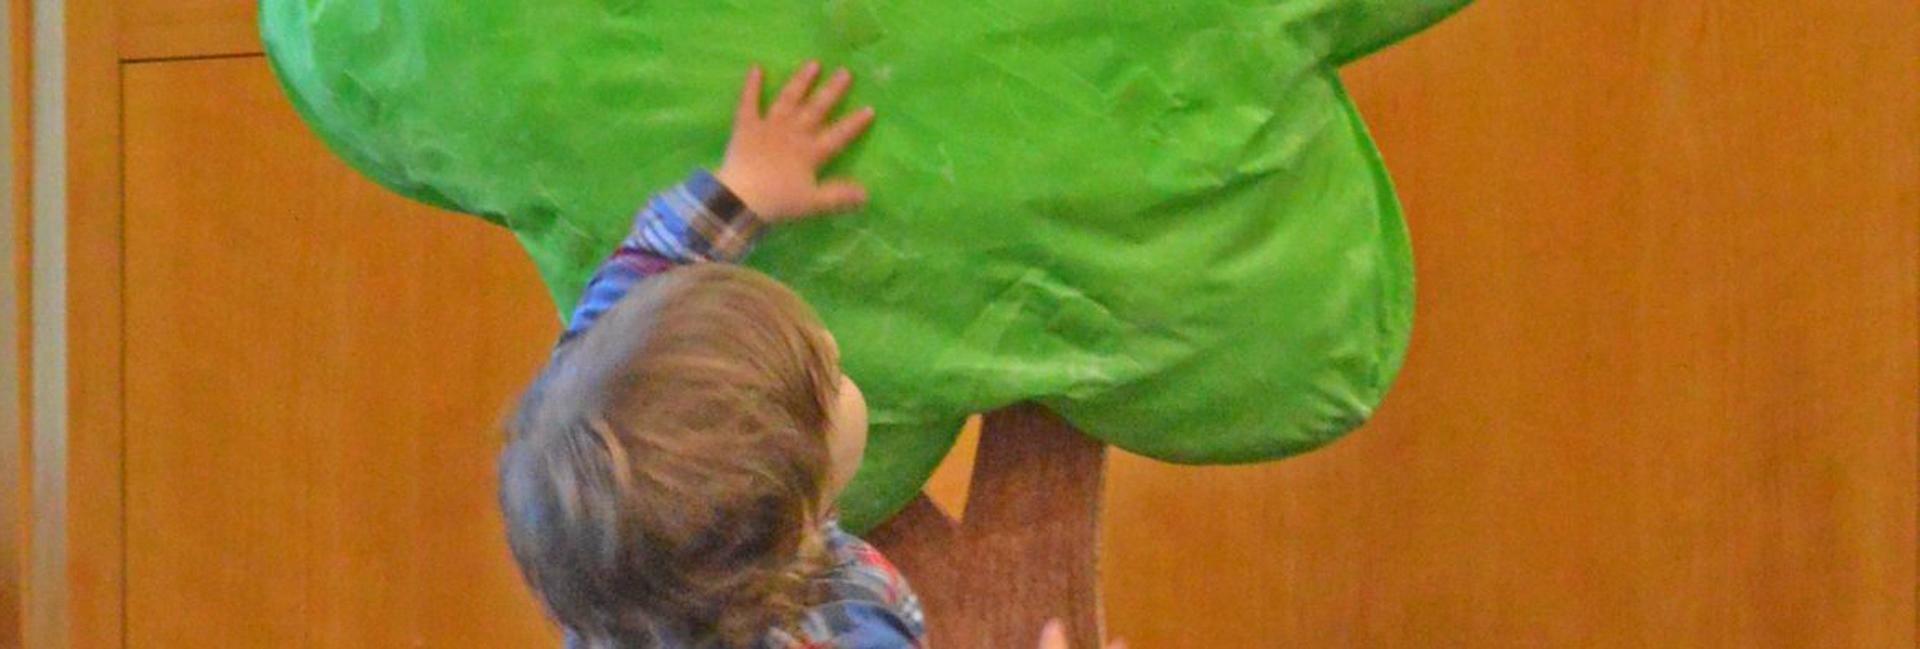 Bebéteca - atividades de promoção de leitura na primeira infância